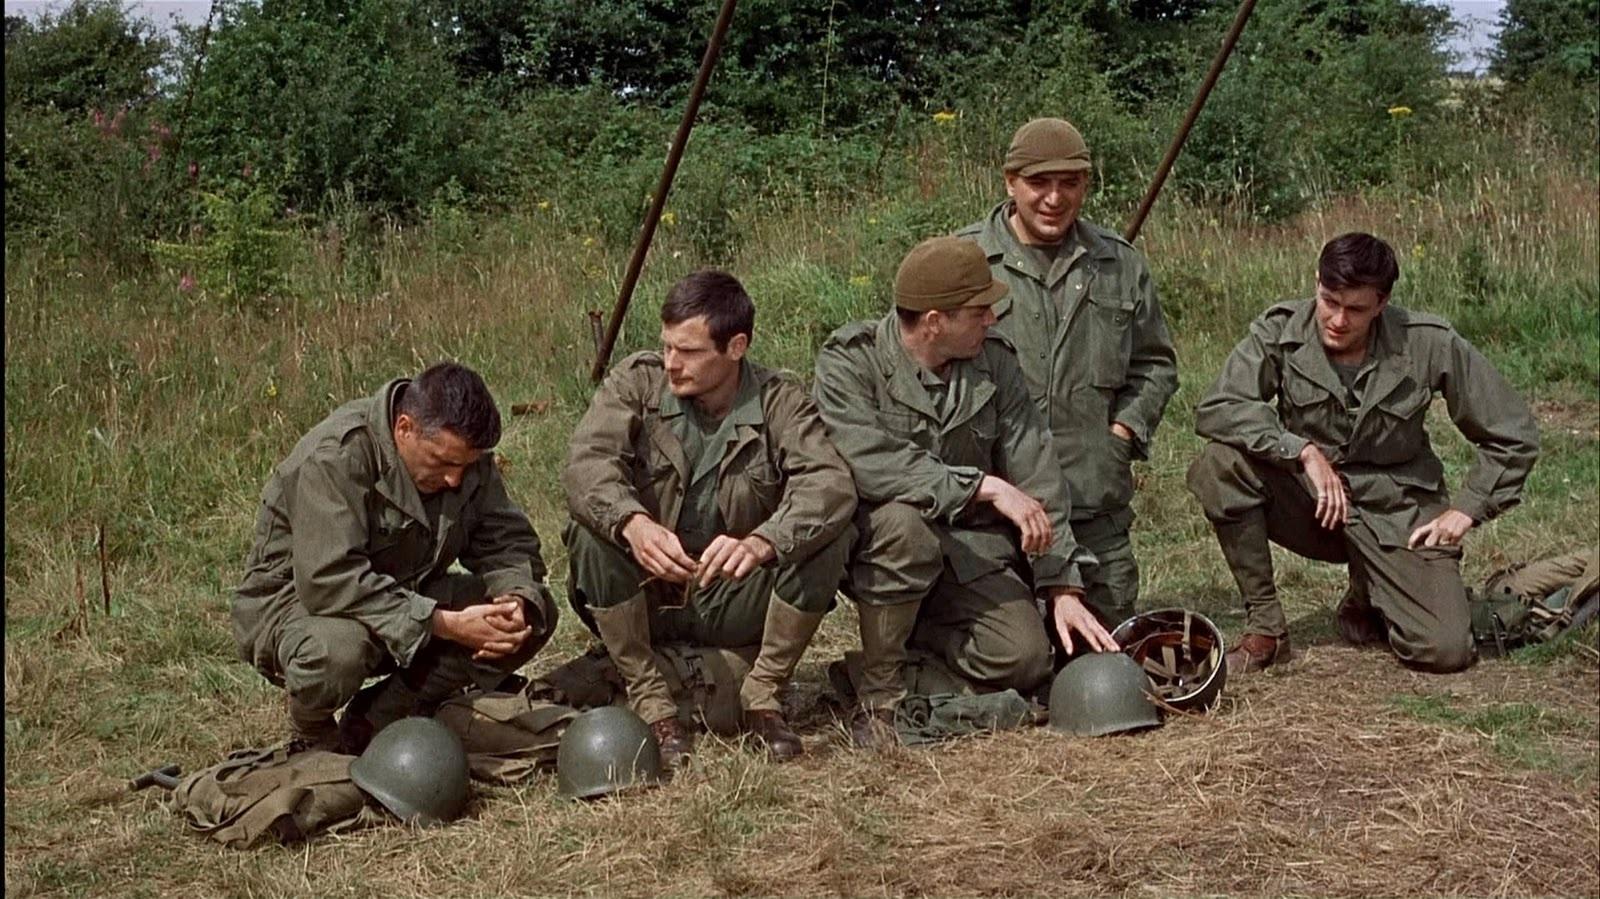 #6) The Dirty Dozen - (1967 - dir. Robert Aldrich)